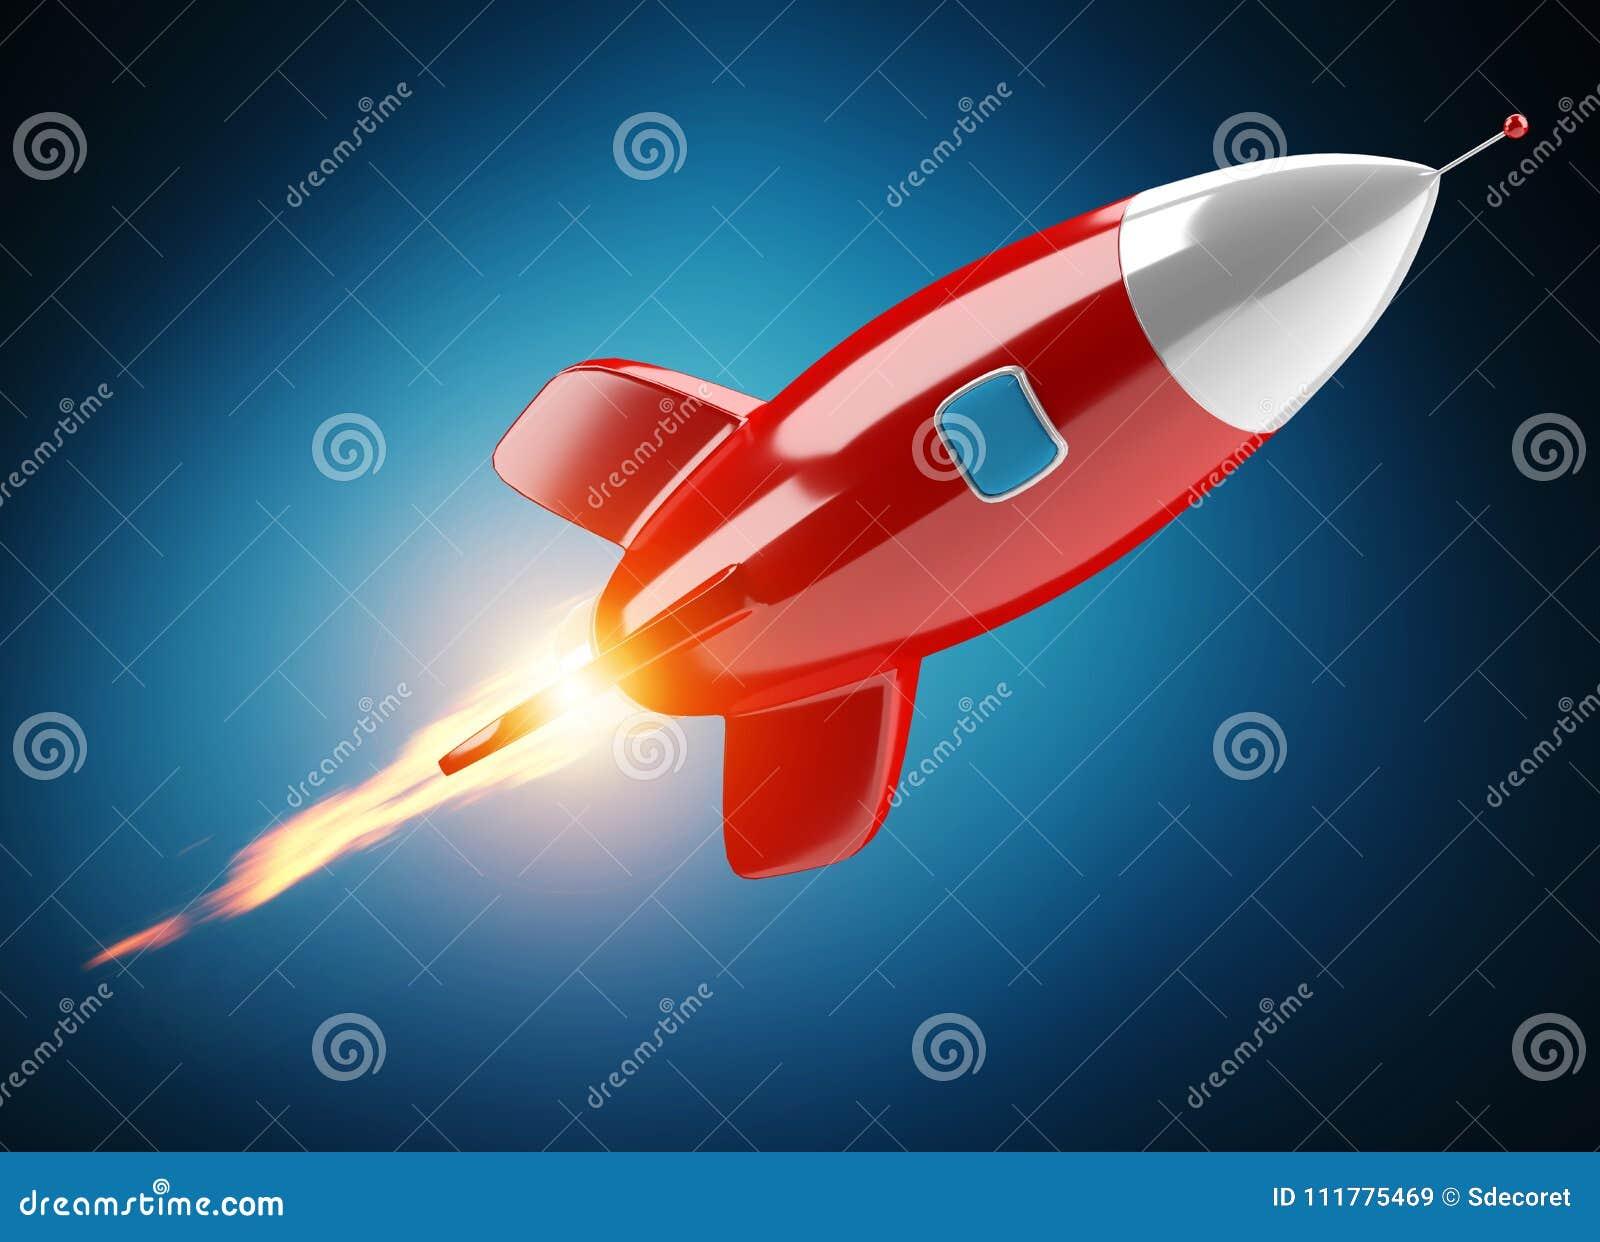 Απομονωμένη σύγχρονη ψηφιακή τρισδιάστατη απόδοση πυραύλων